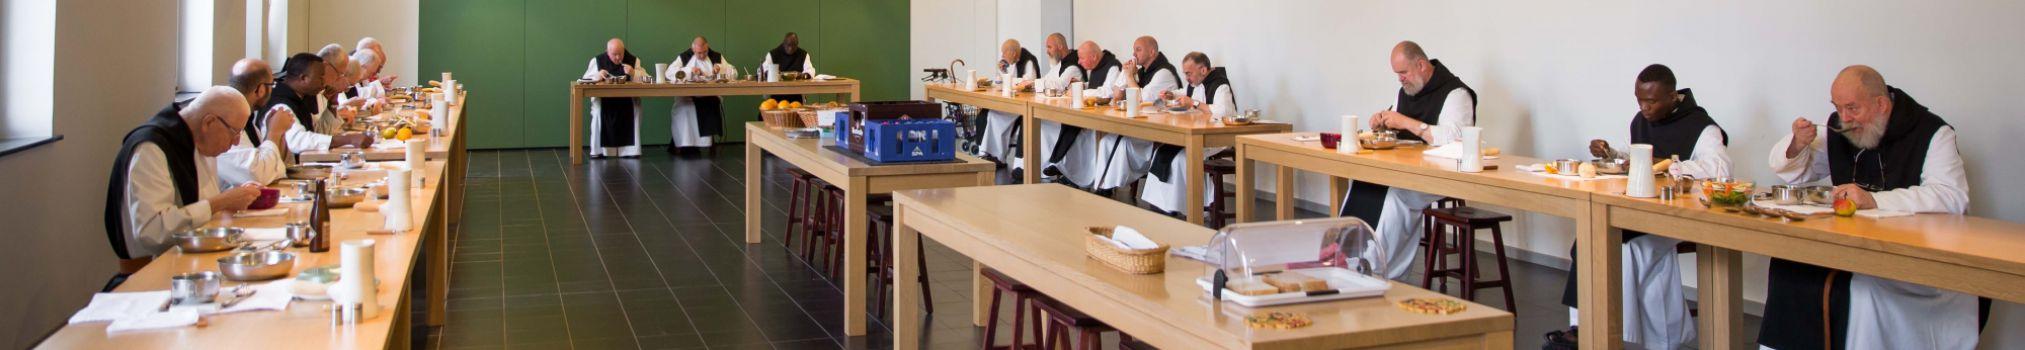 Monjes comen juntos tranquilos en el refectorio